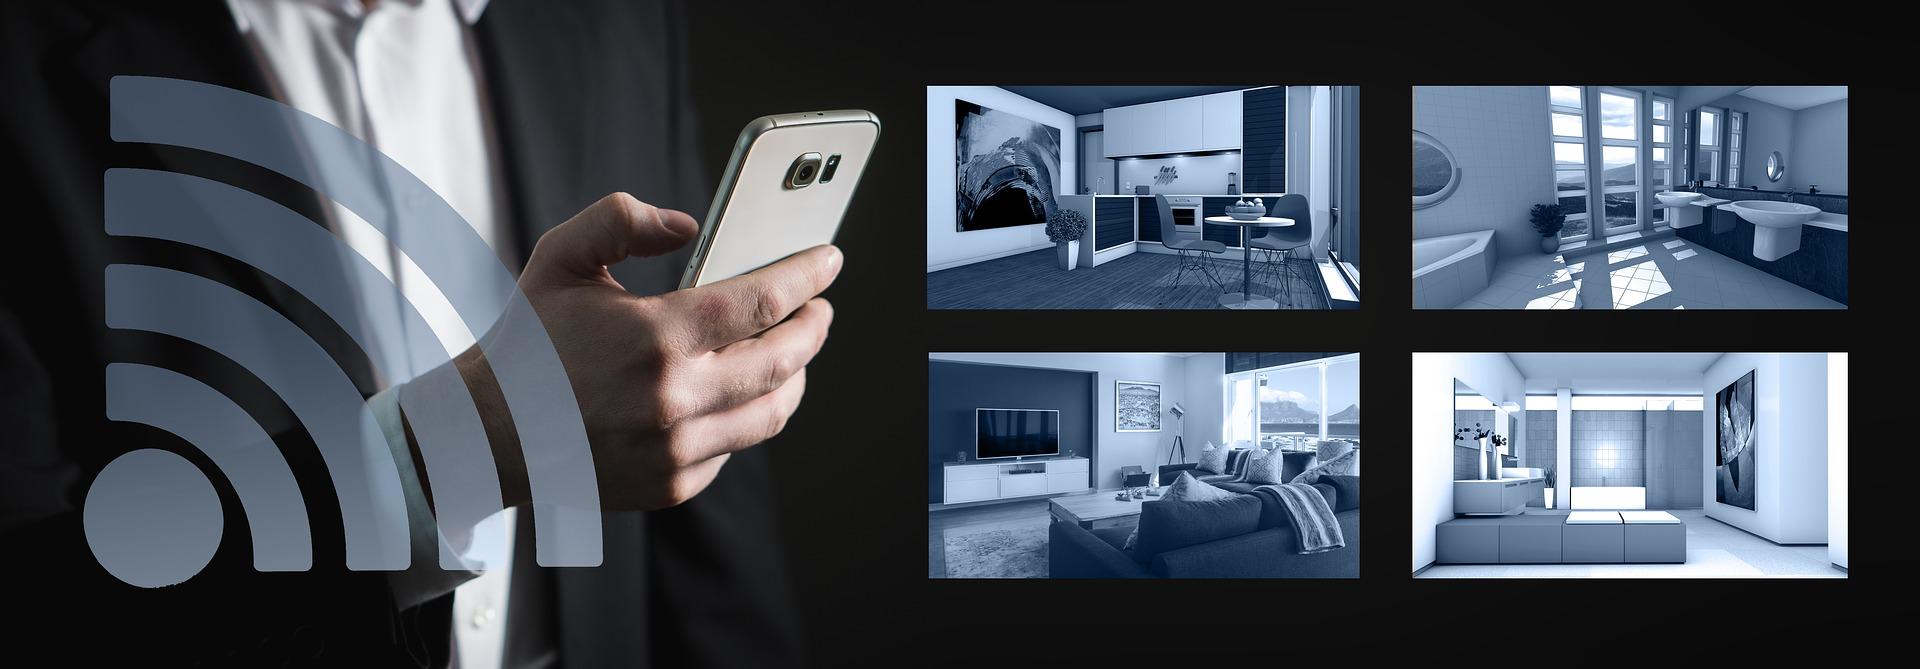 Bild zeigt Smartphone in der Hand einer Person, die per App auf Kamerabilder live zugreift